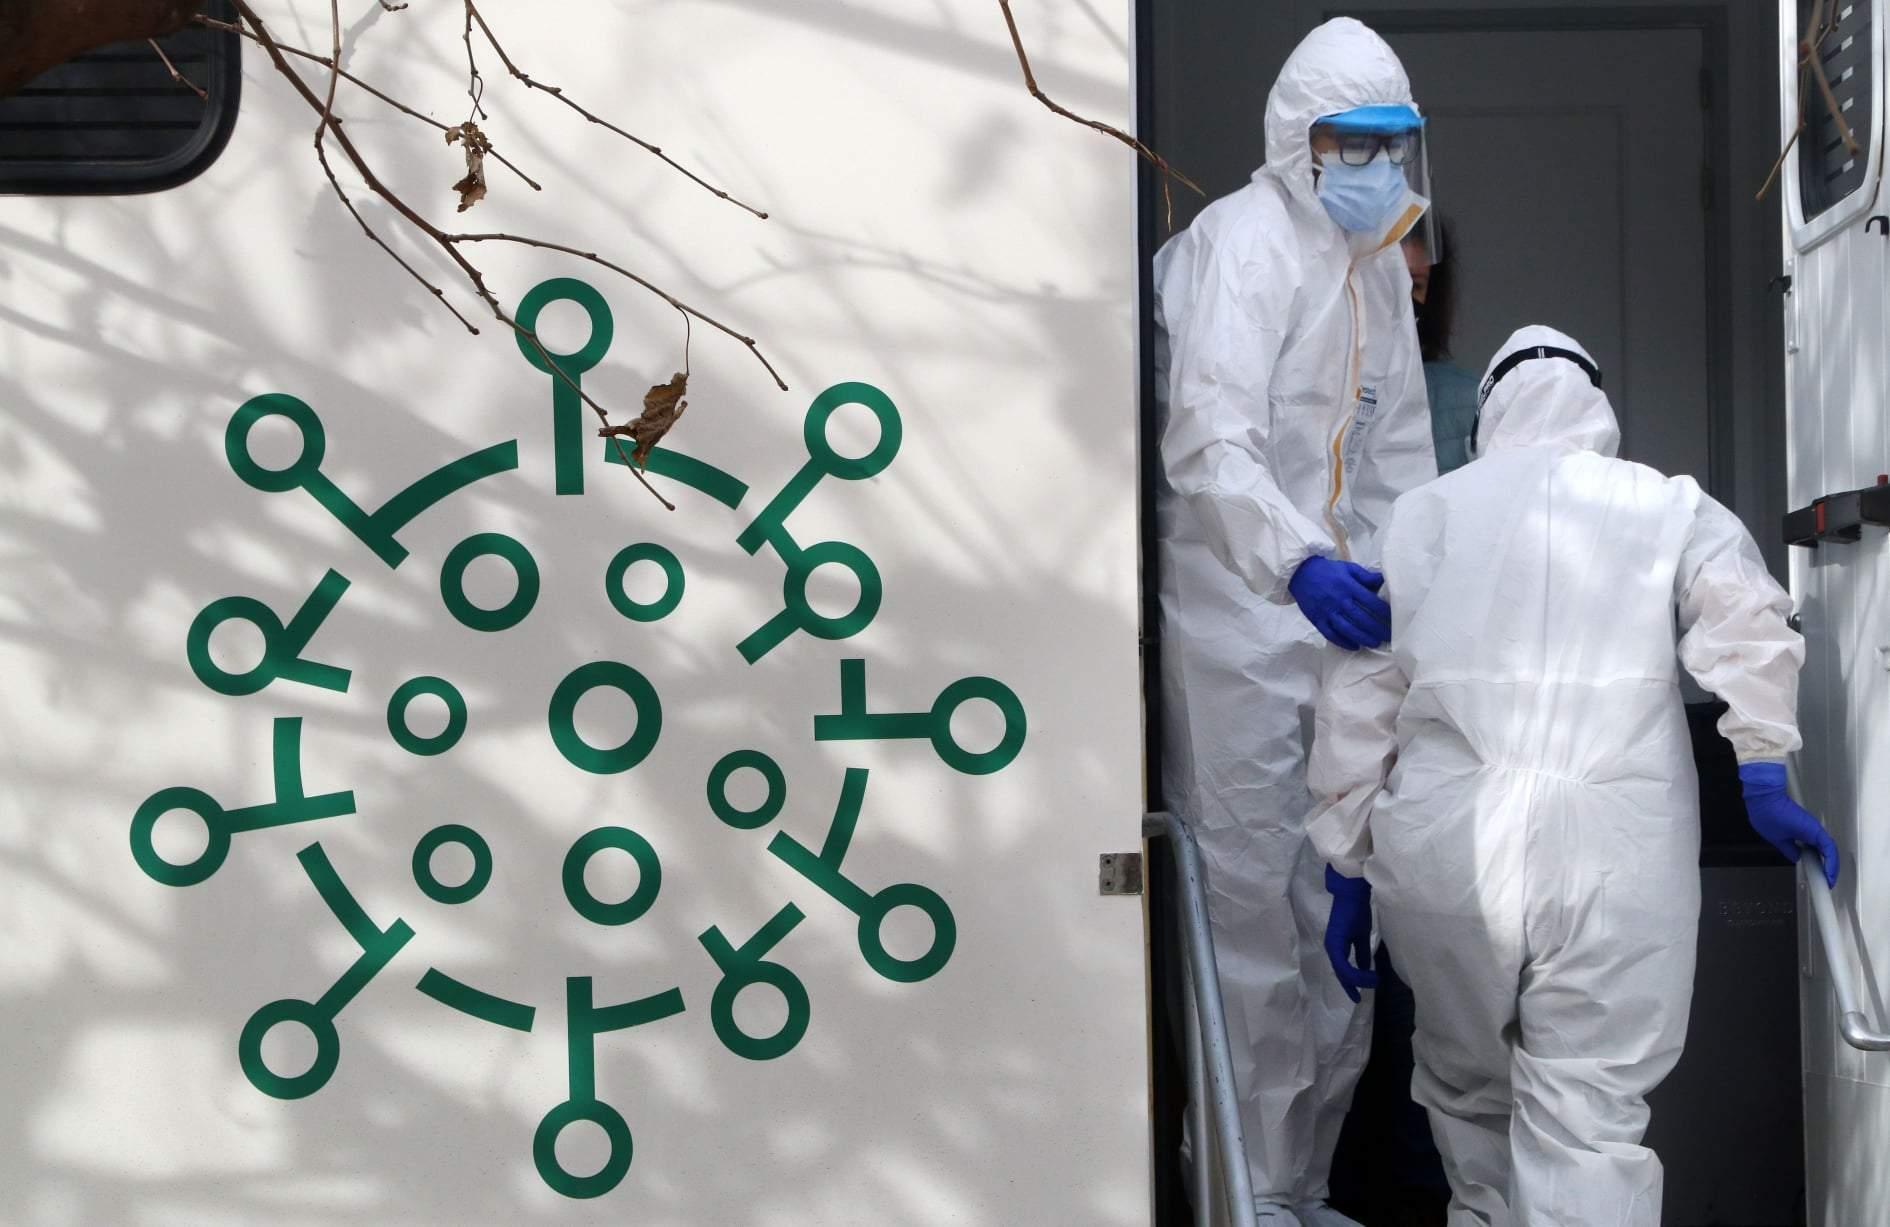 Colaj foto cu medici în combinezoane și semnul ce indică infecția cu noul coronavirus